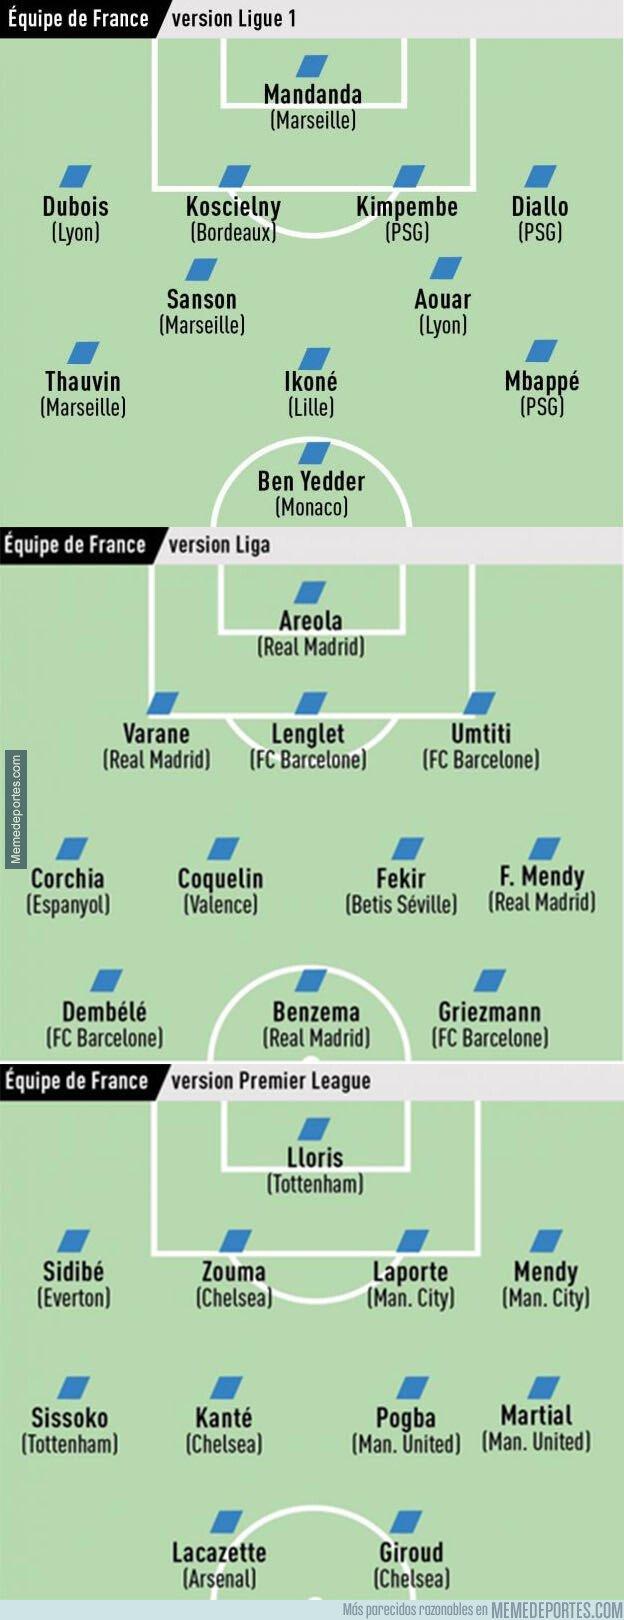 1088514 - El diario L'Équipe ha hecho una recopilación de los onces que tendría Francia solo con jugadores de la Ligue 1, La Liga y la Premier League